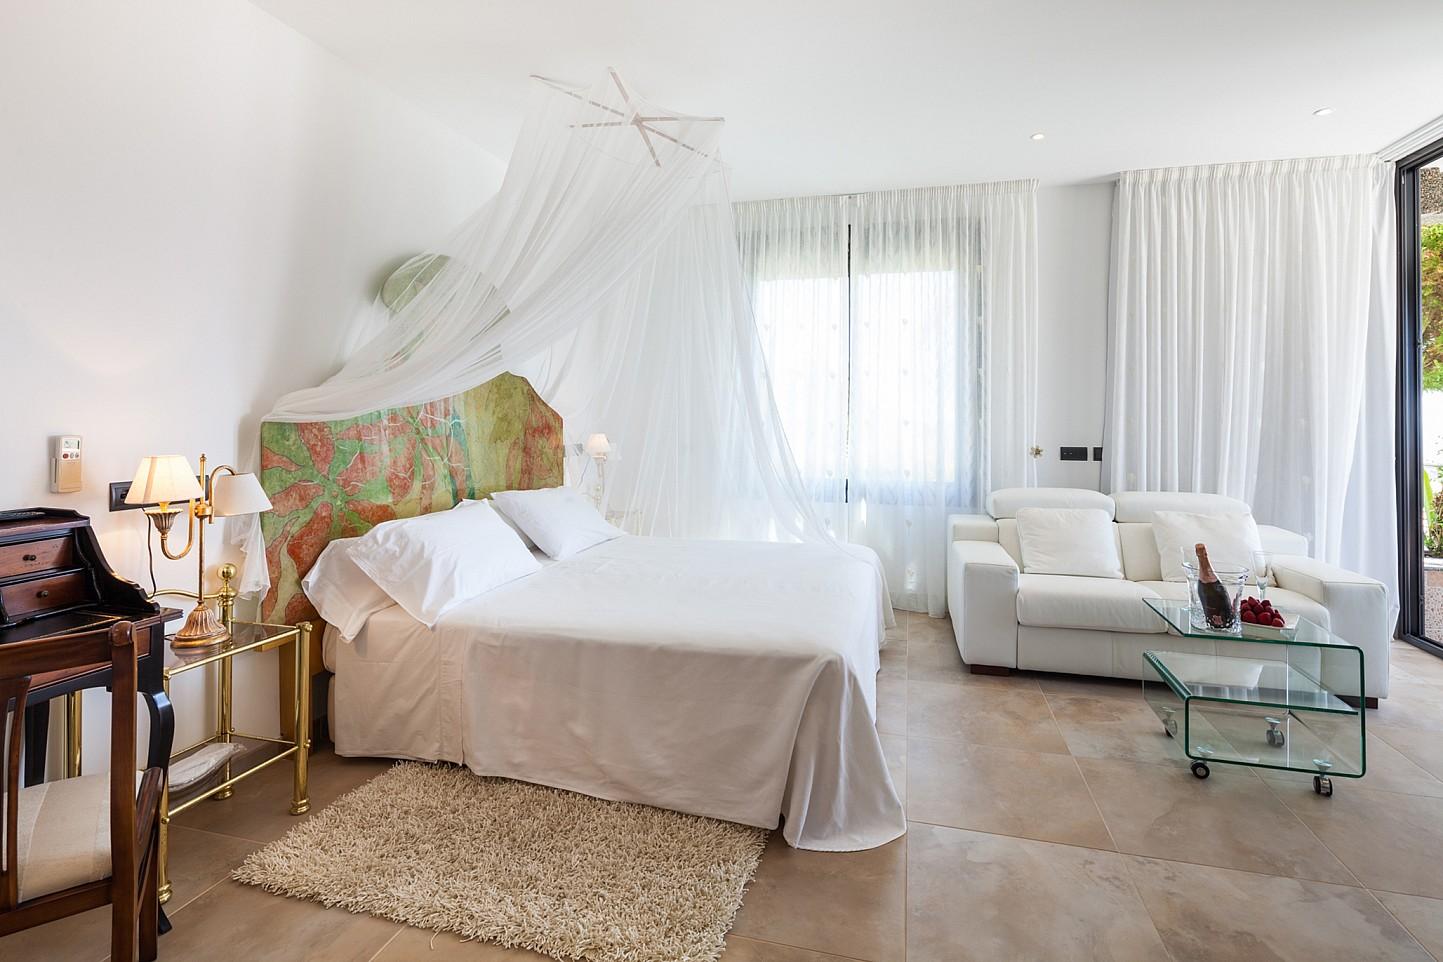 Dormitorio amplio con mucha luz natural